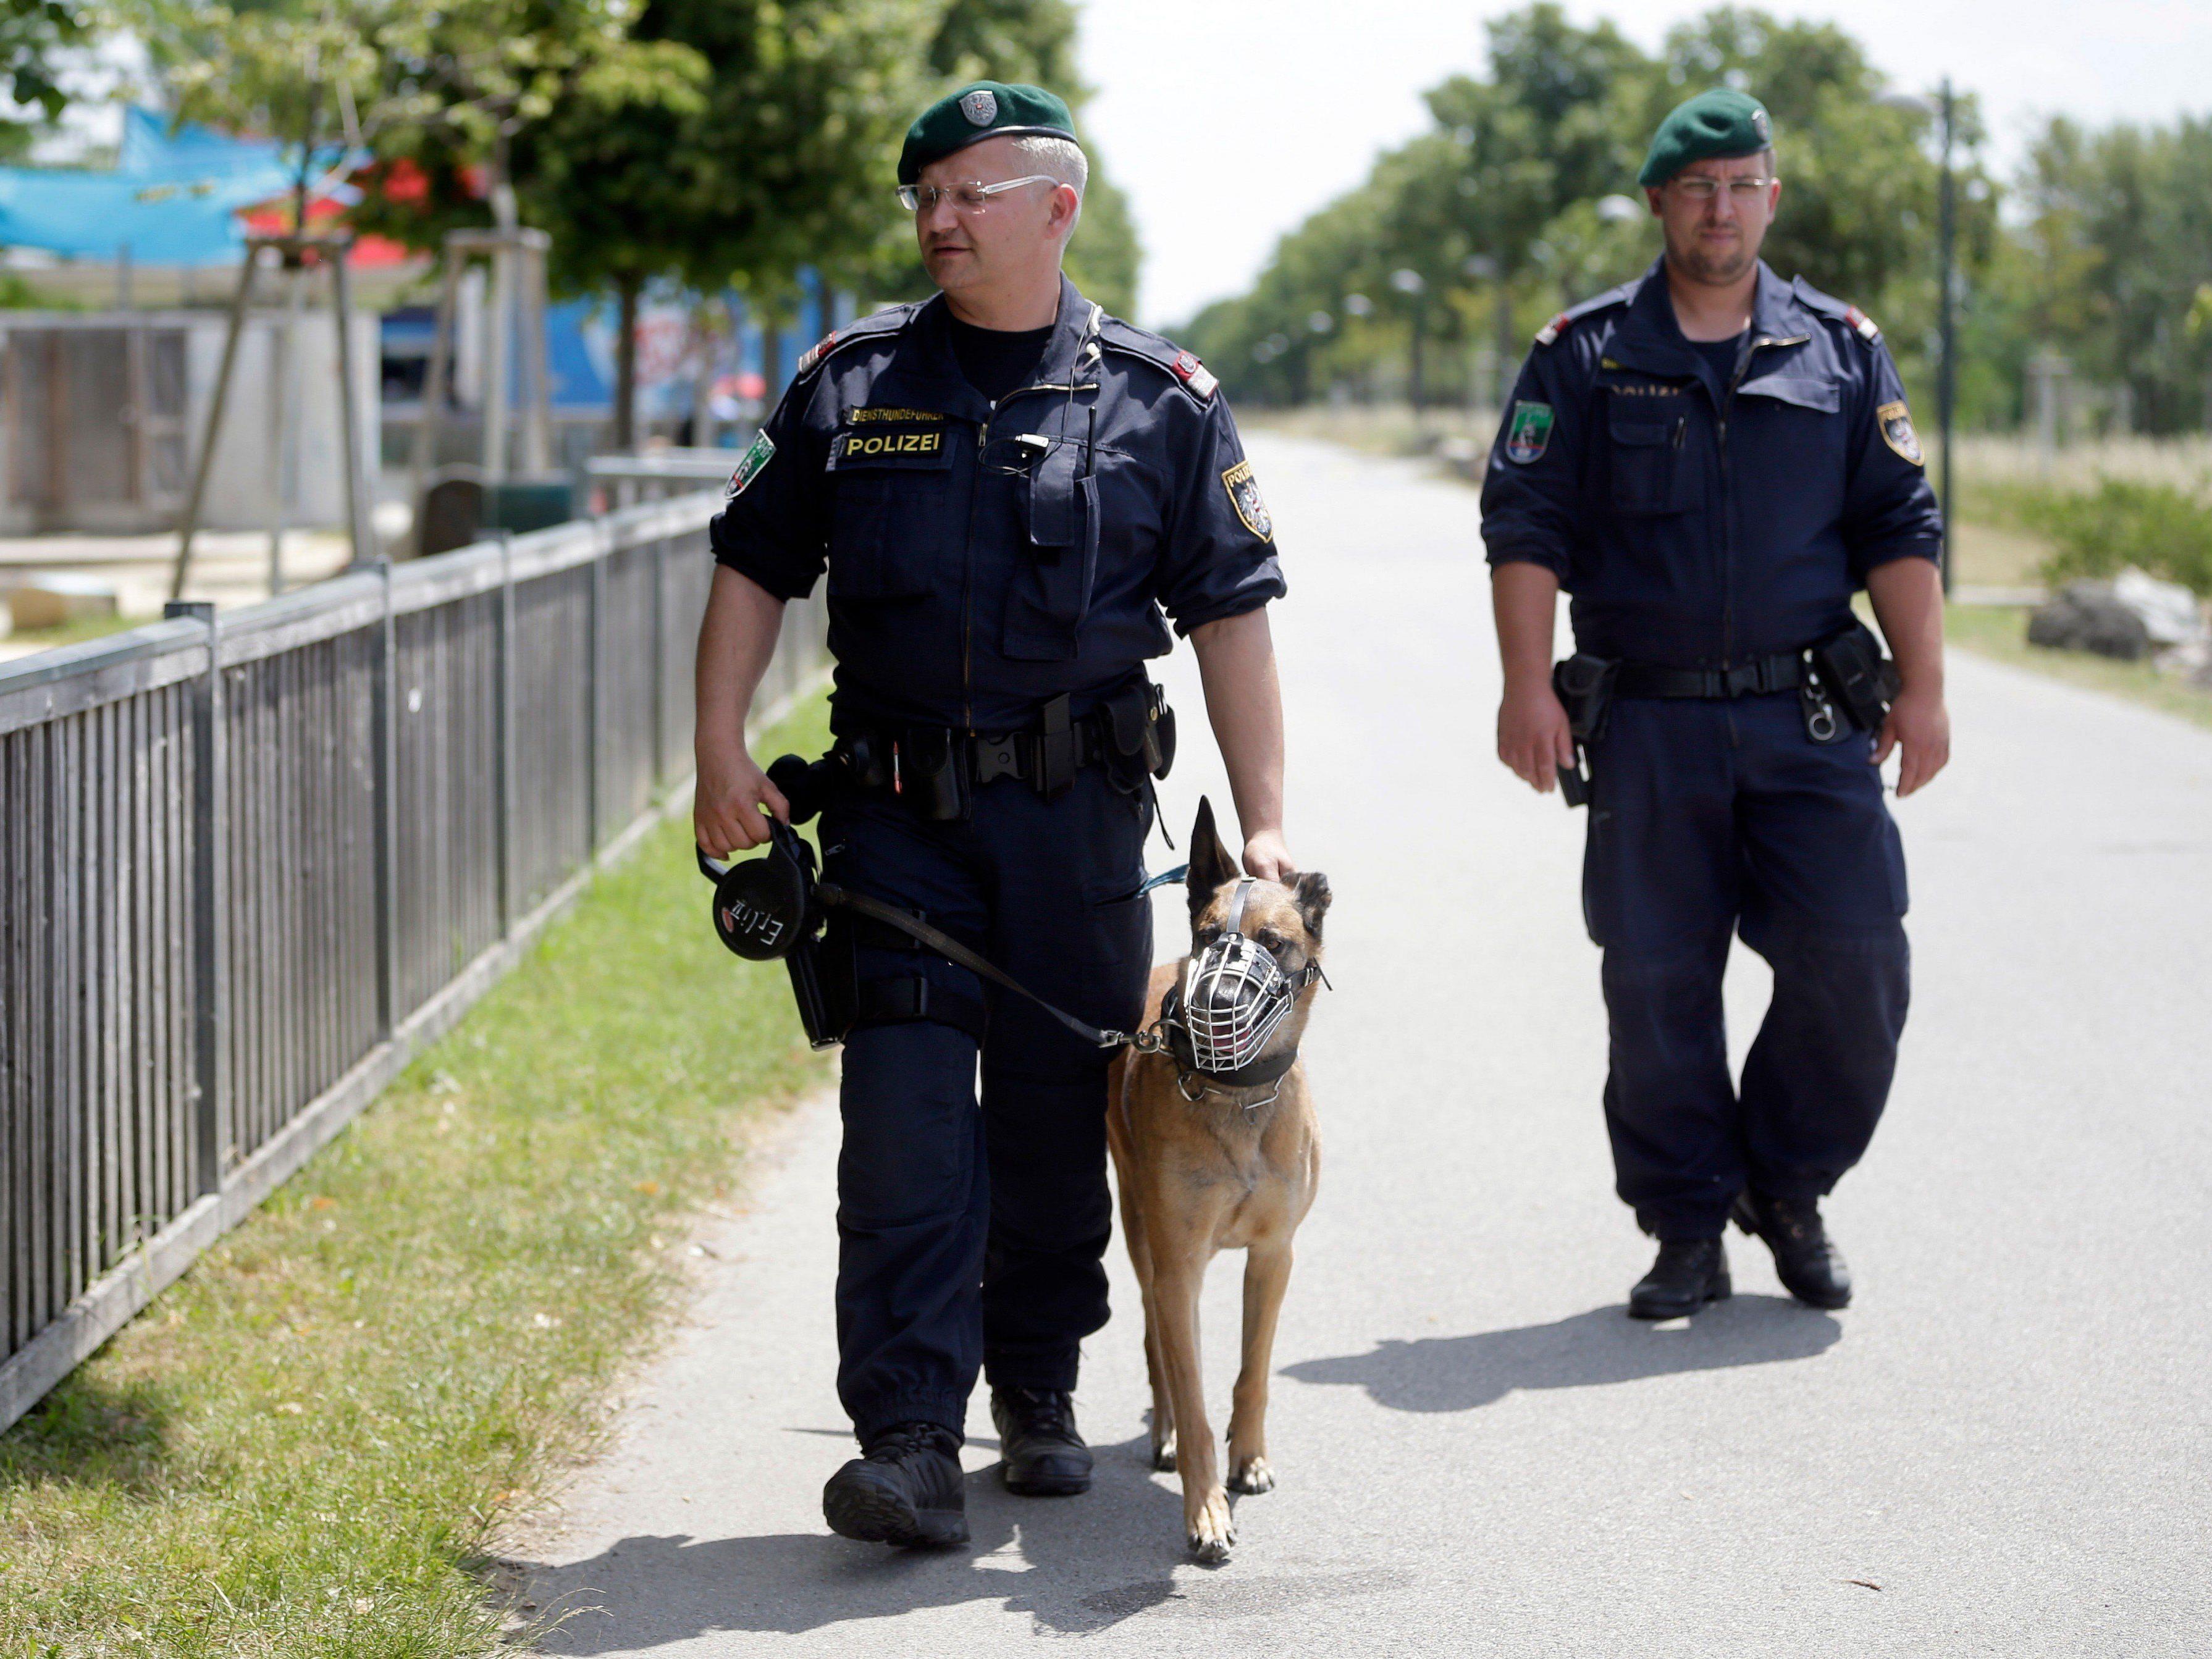 Die heimische Polizei setzt Hunde ein, die Suchtgift bzw. Sprengmittel aufspüren können